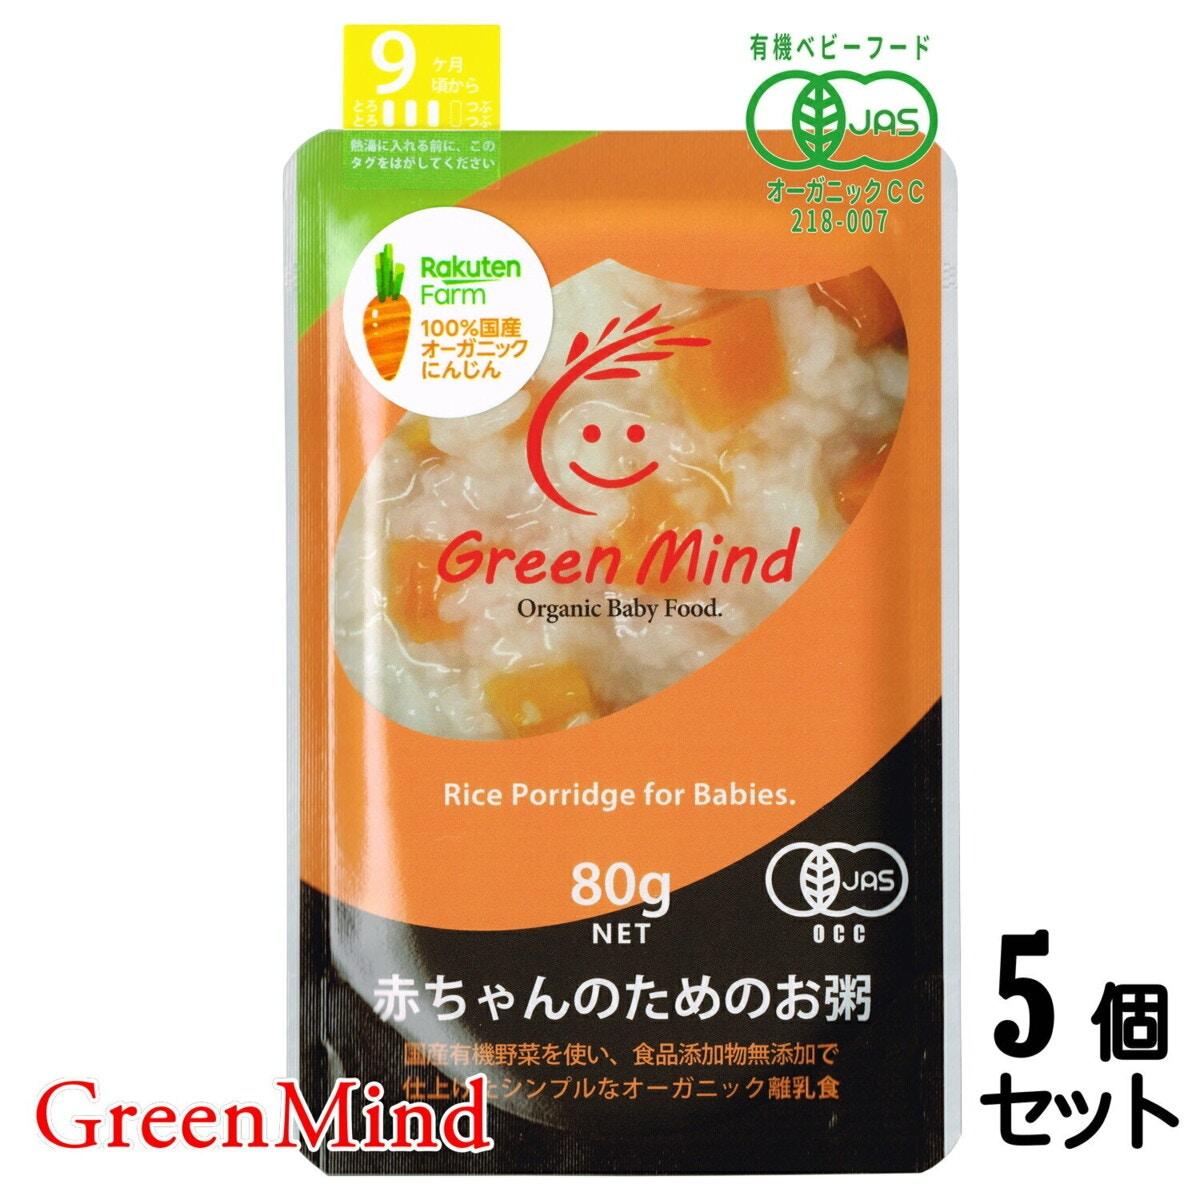 Green Mind「 赤ちゃんのためのお粥」